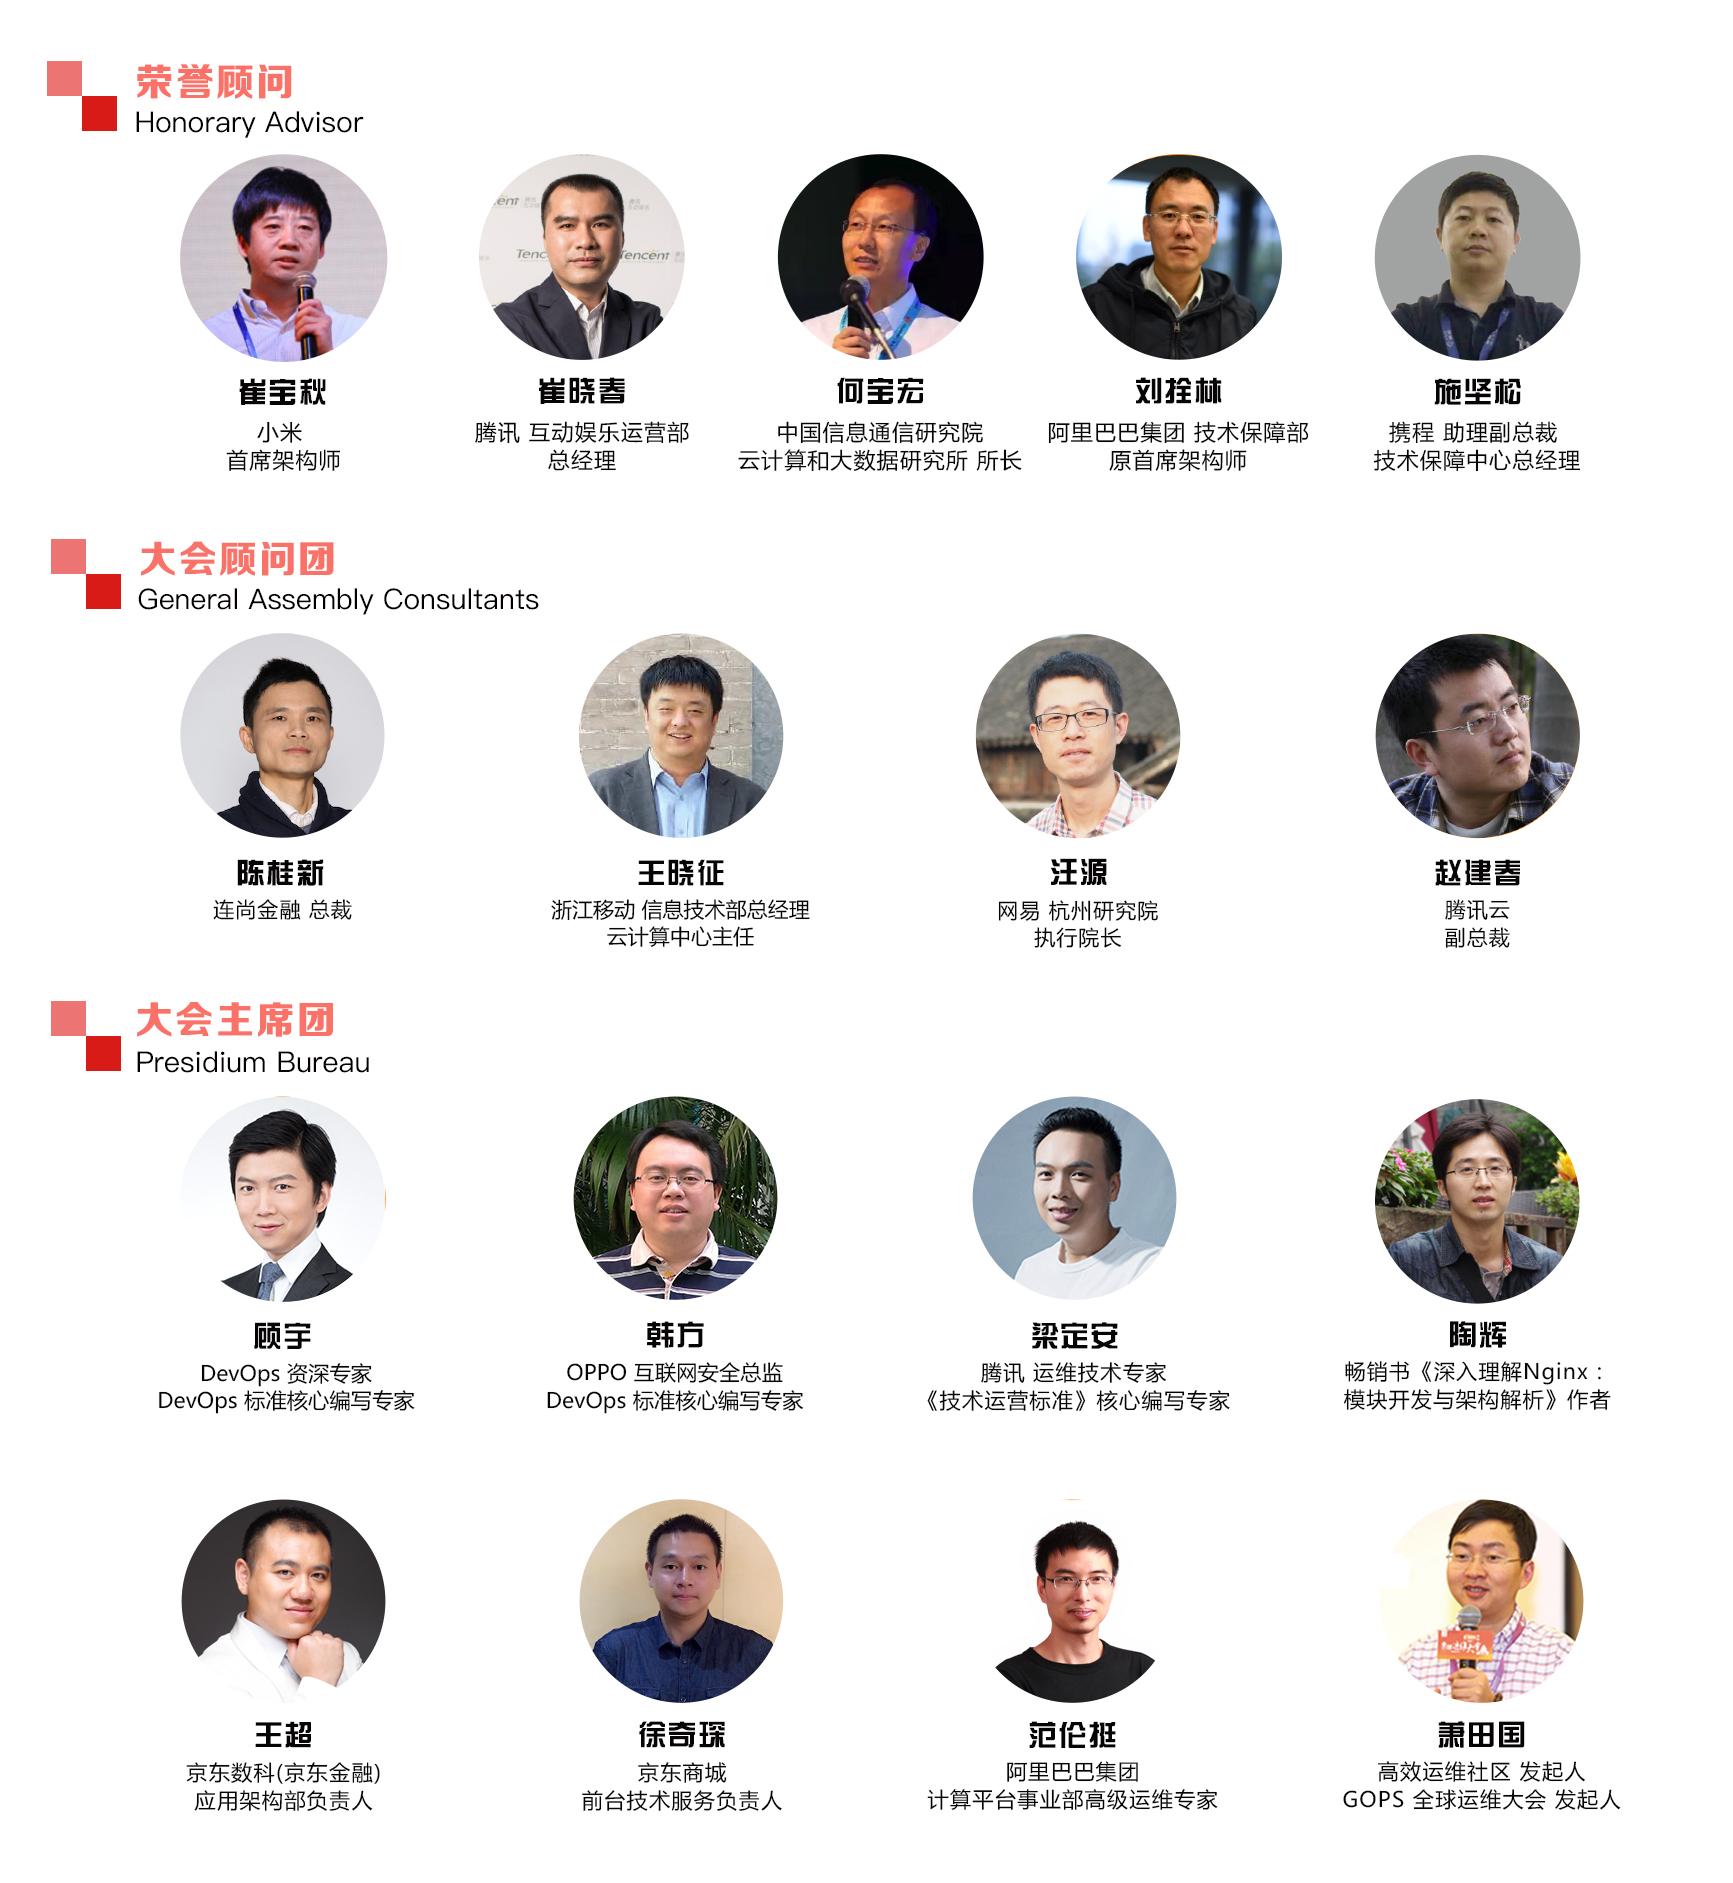 2020第十五届GOPS全球运维大会(11月上海)